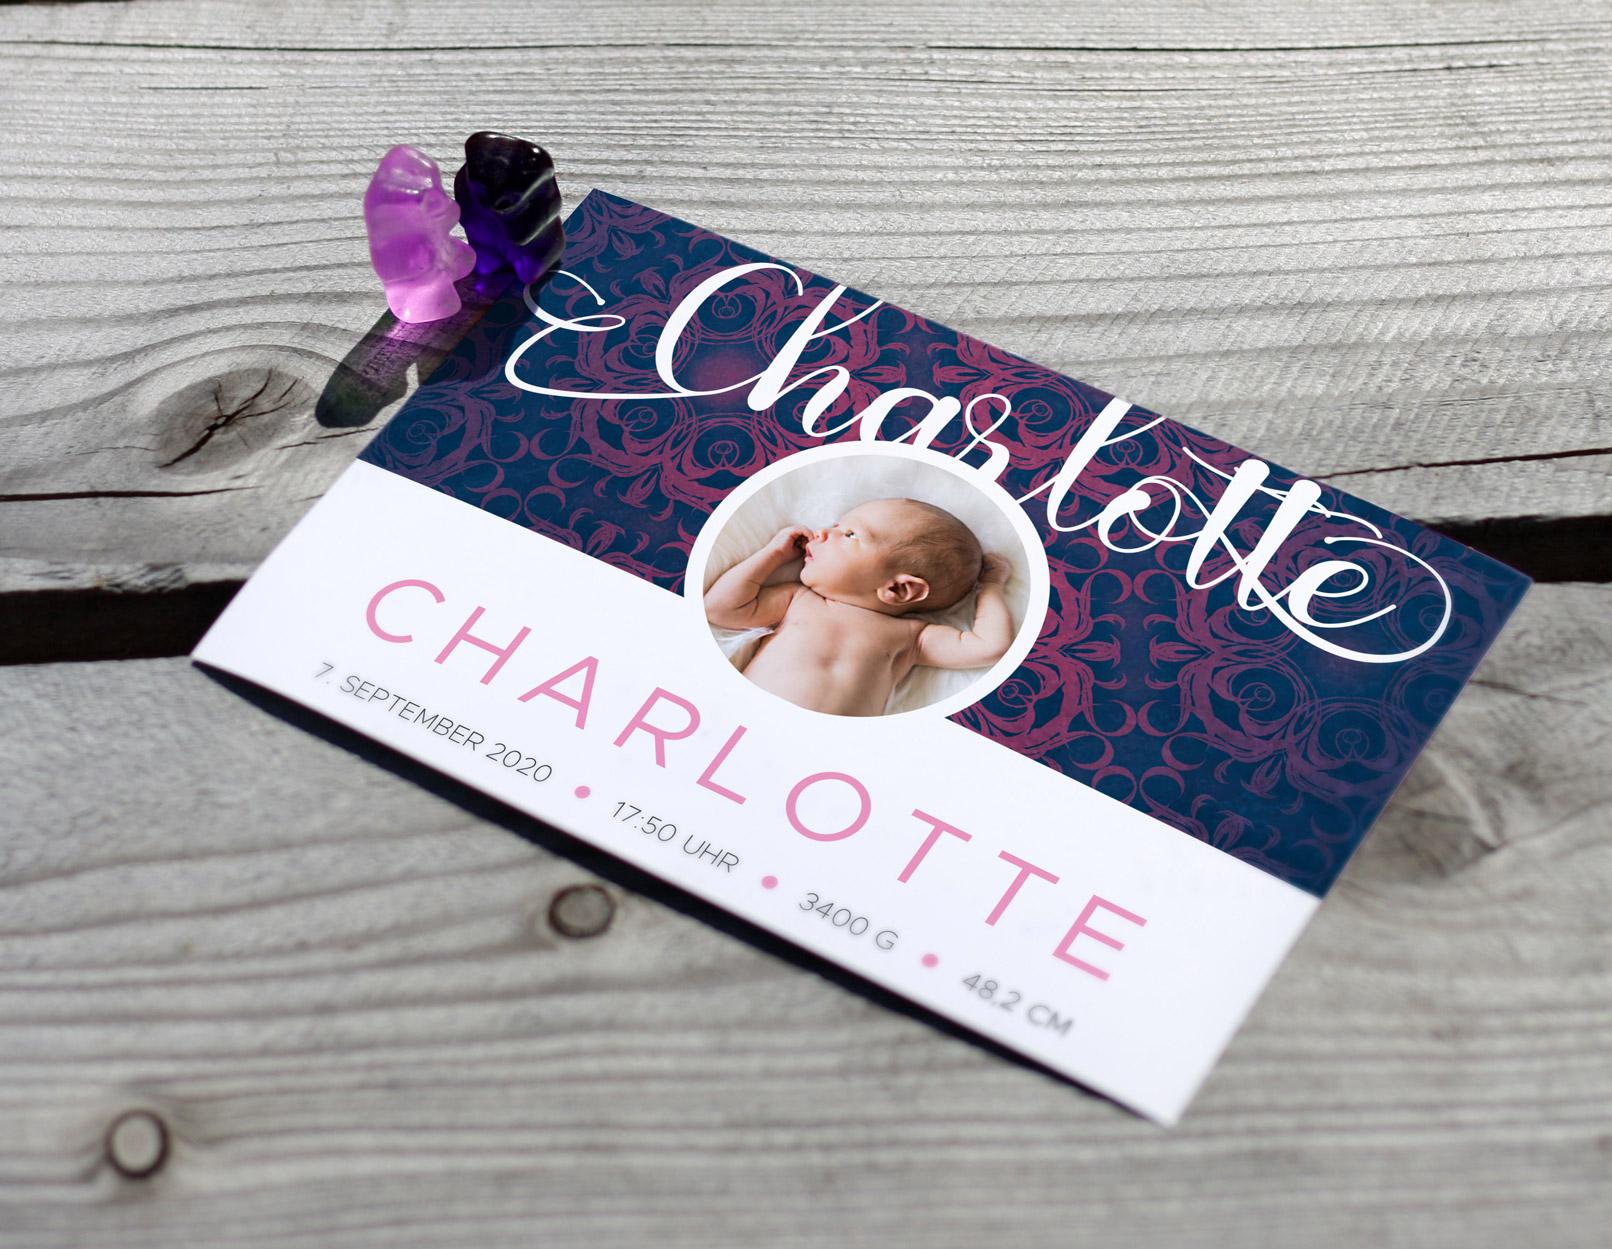 Gruß- und Glückwunschkarte mit einem eingearbeiteten Vintage-Hintergrundbild